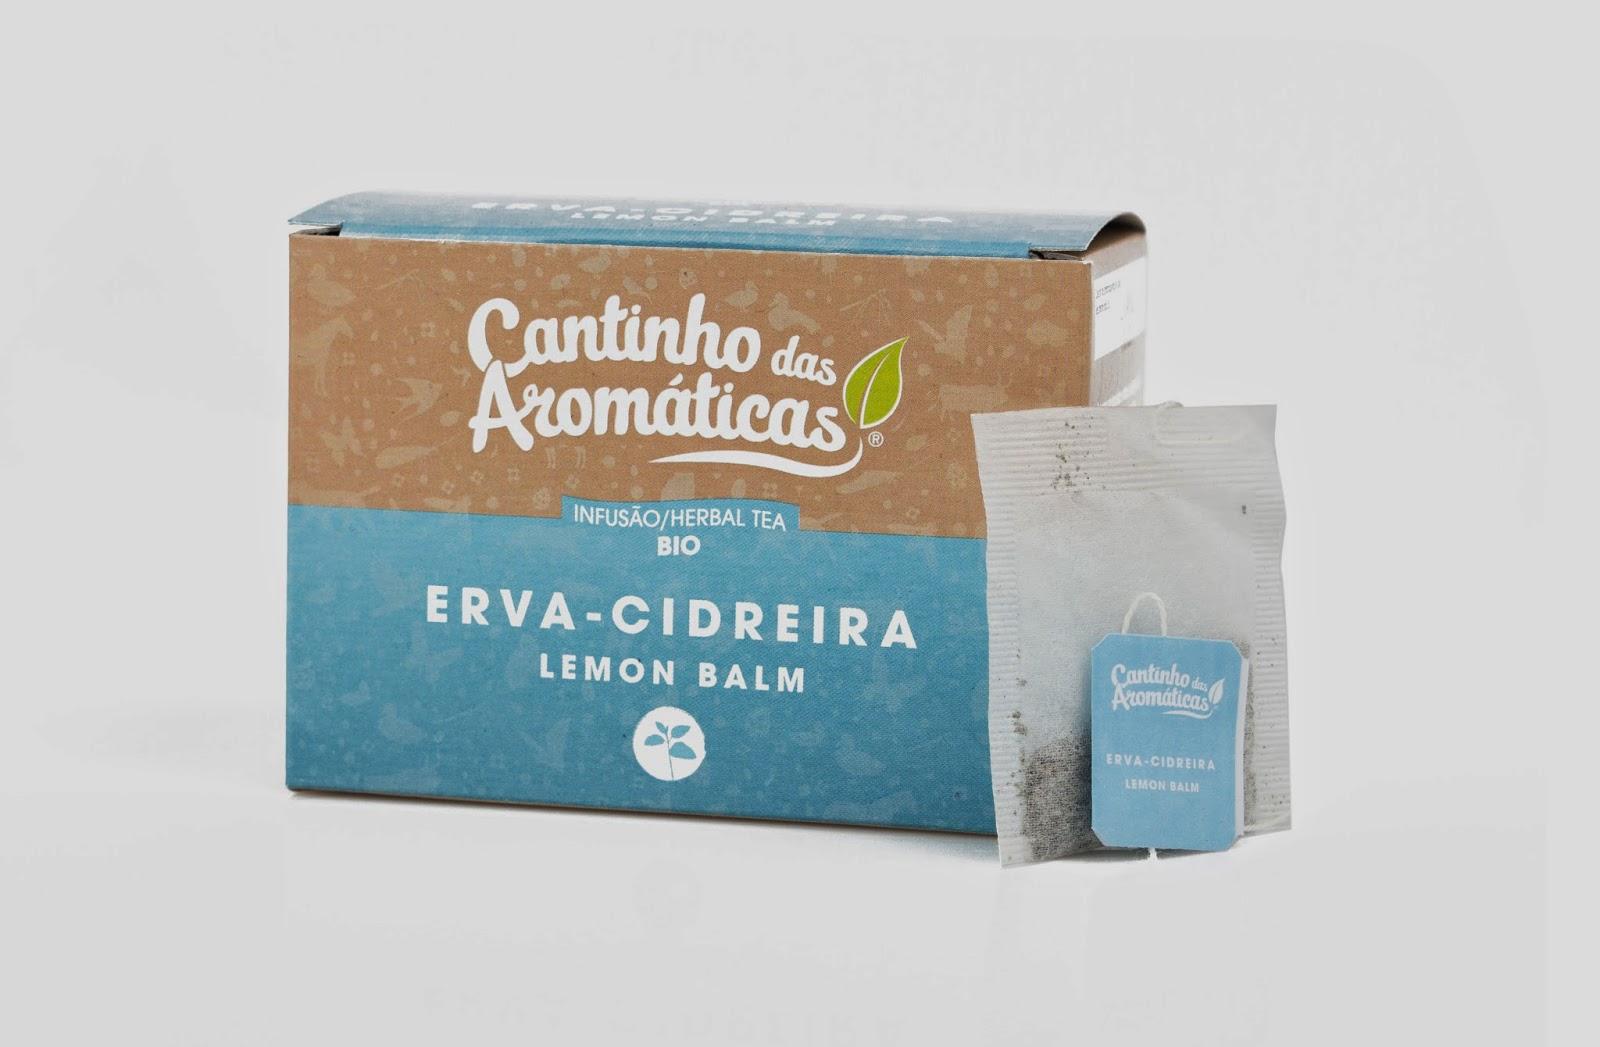 http://www.cantinhodasaromaticas.pt/loja/infusoes-bio-em-saquetas/erva-cidreira-infusao-bio-em-saquetas/